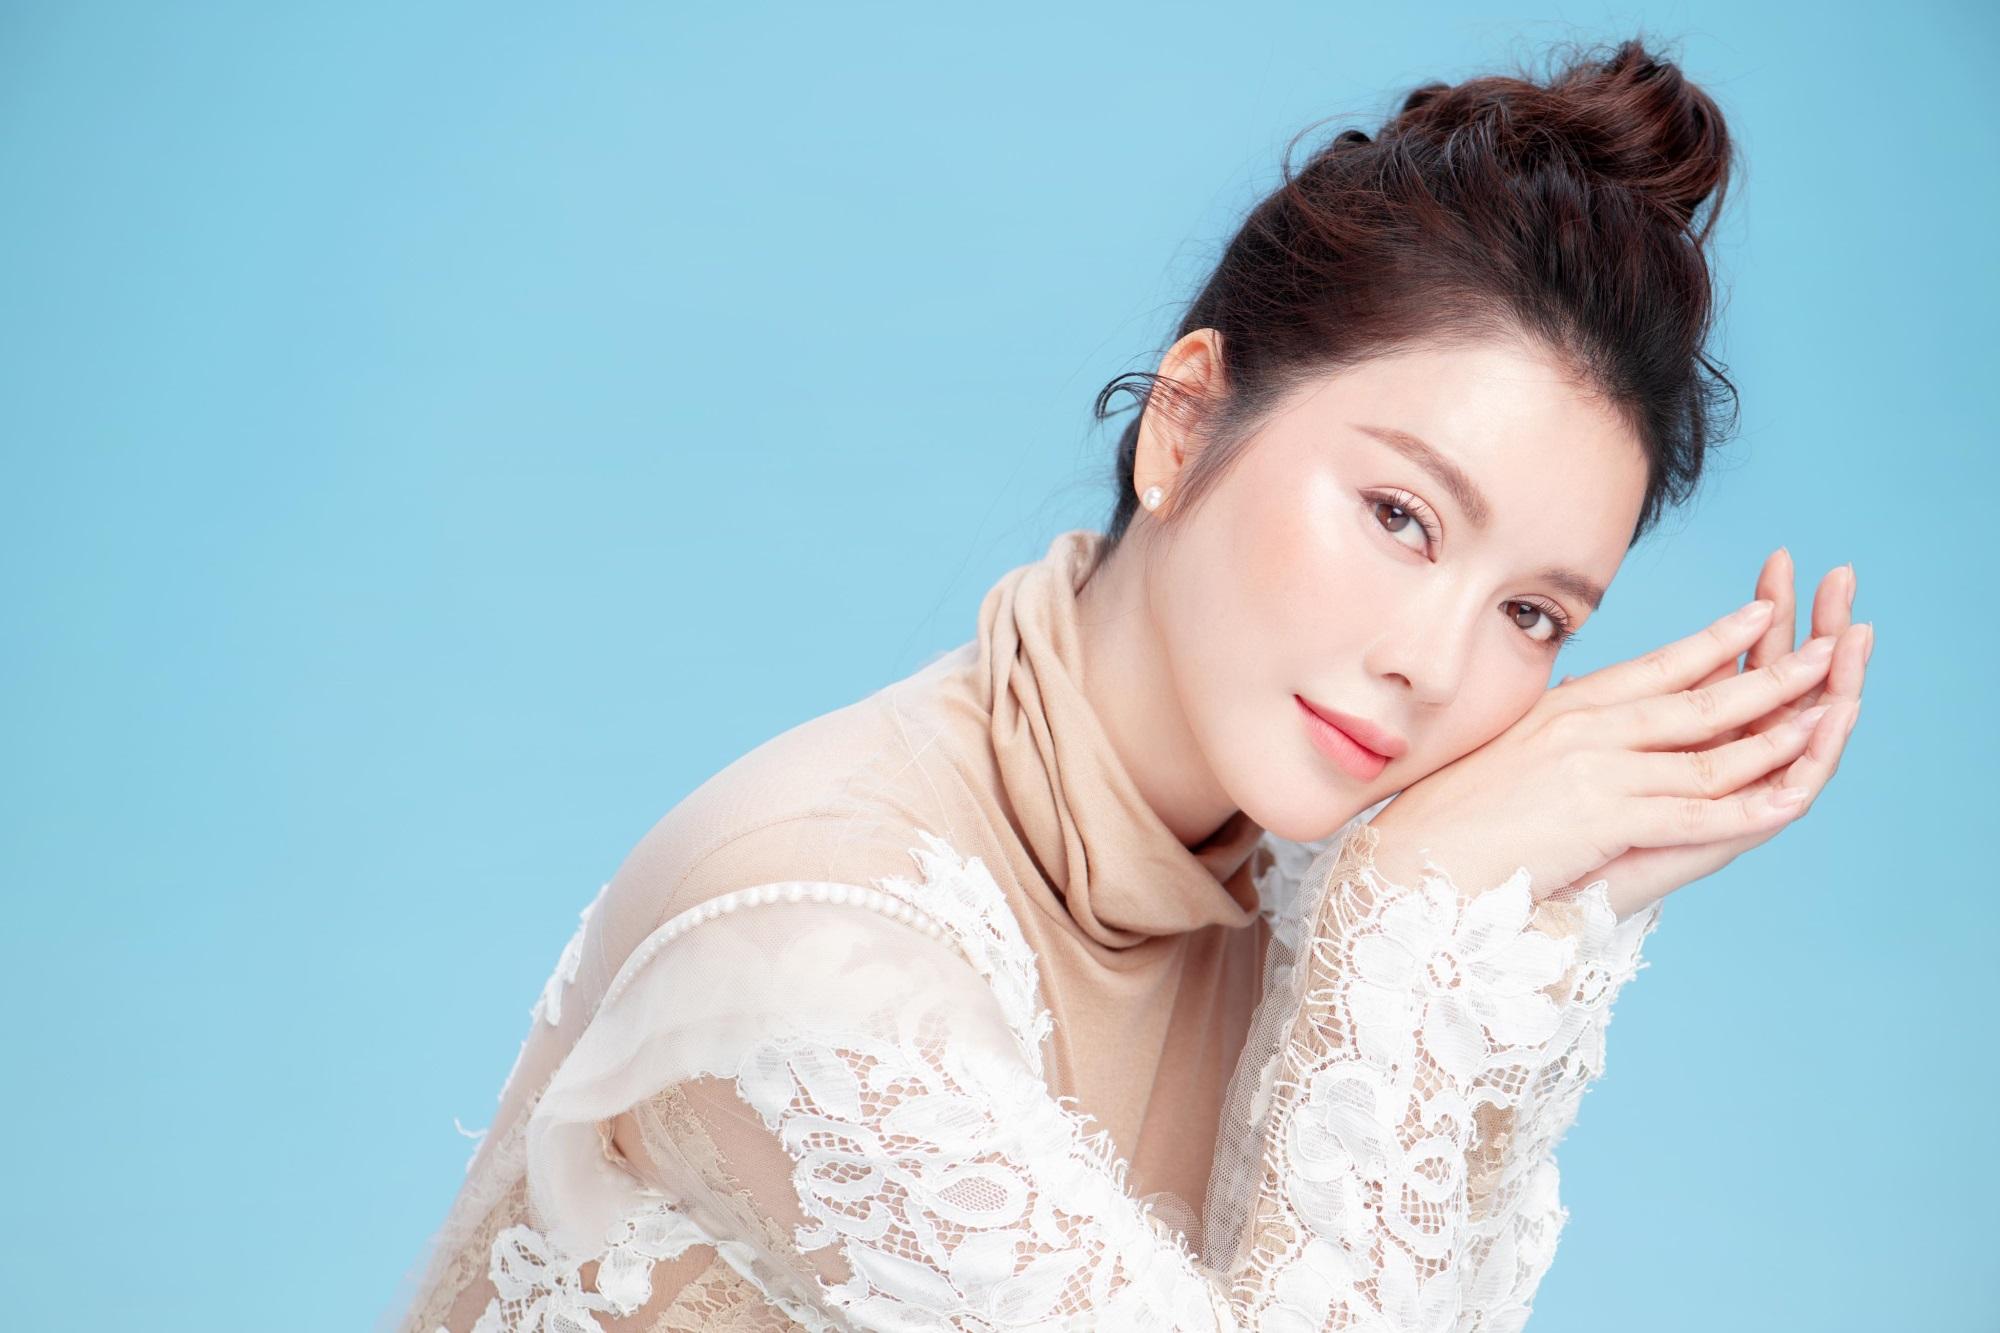 'Nữ hoàng kim cương' Lý Nhã Kỳ khiến fan mê mệt khi diện trang phục xẻ ngực gợi cảm - Ảnh 7